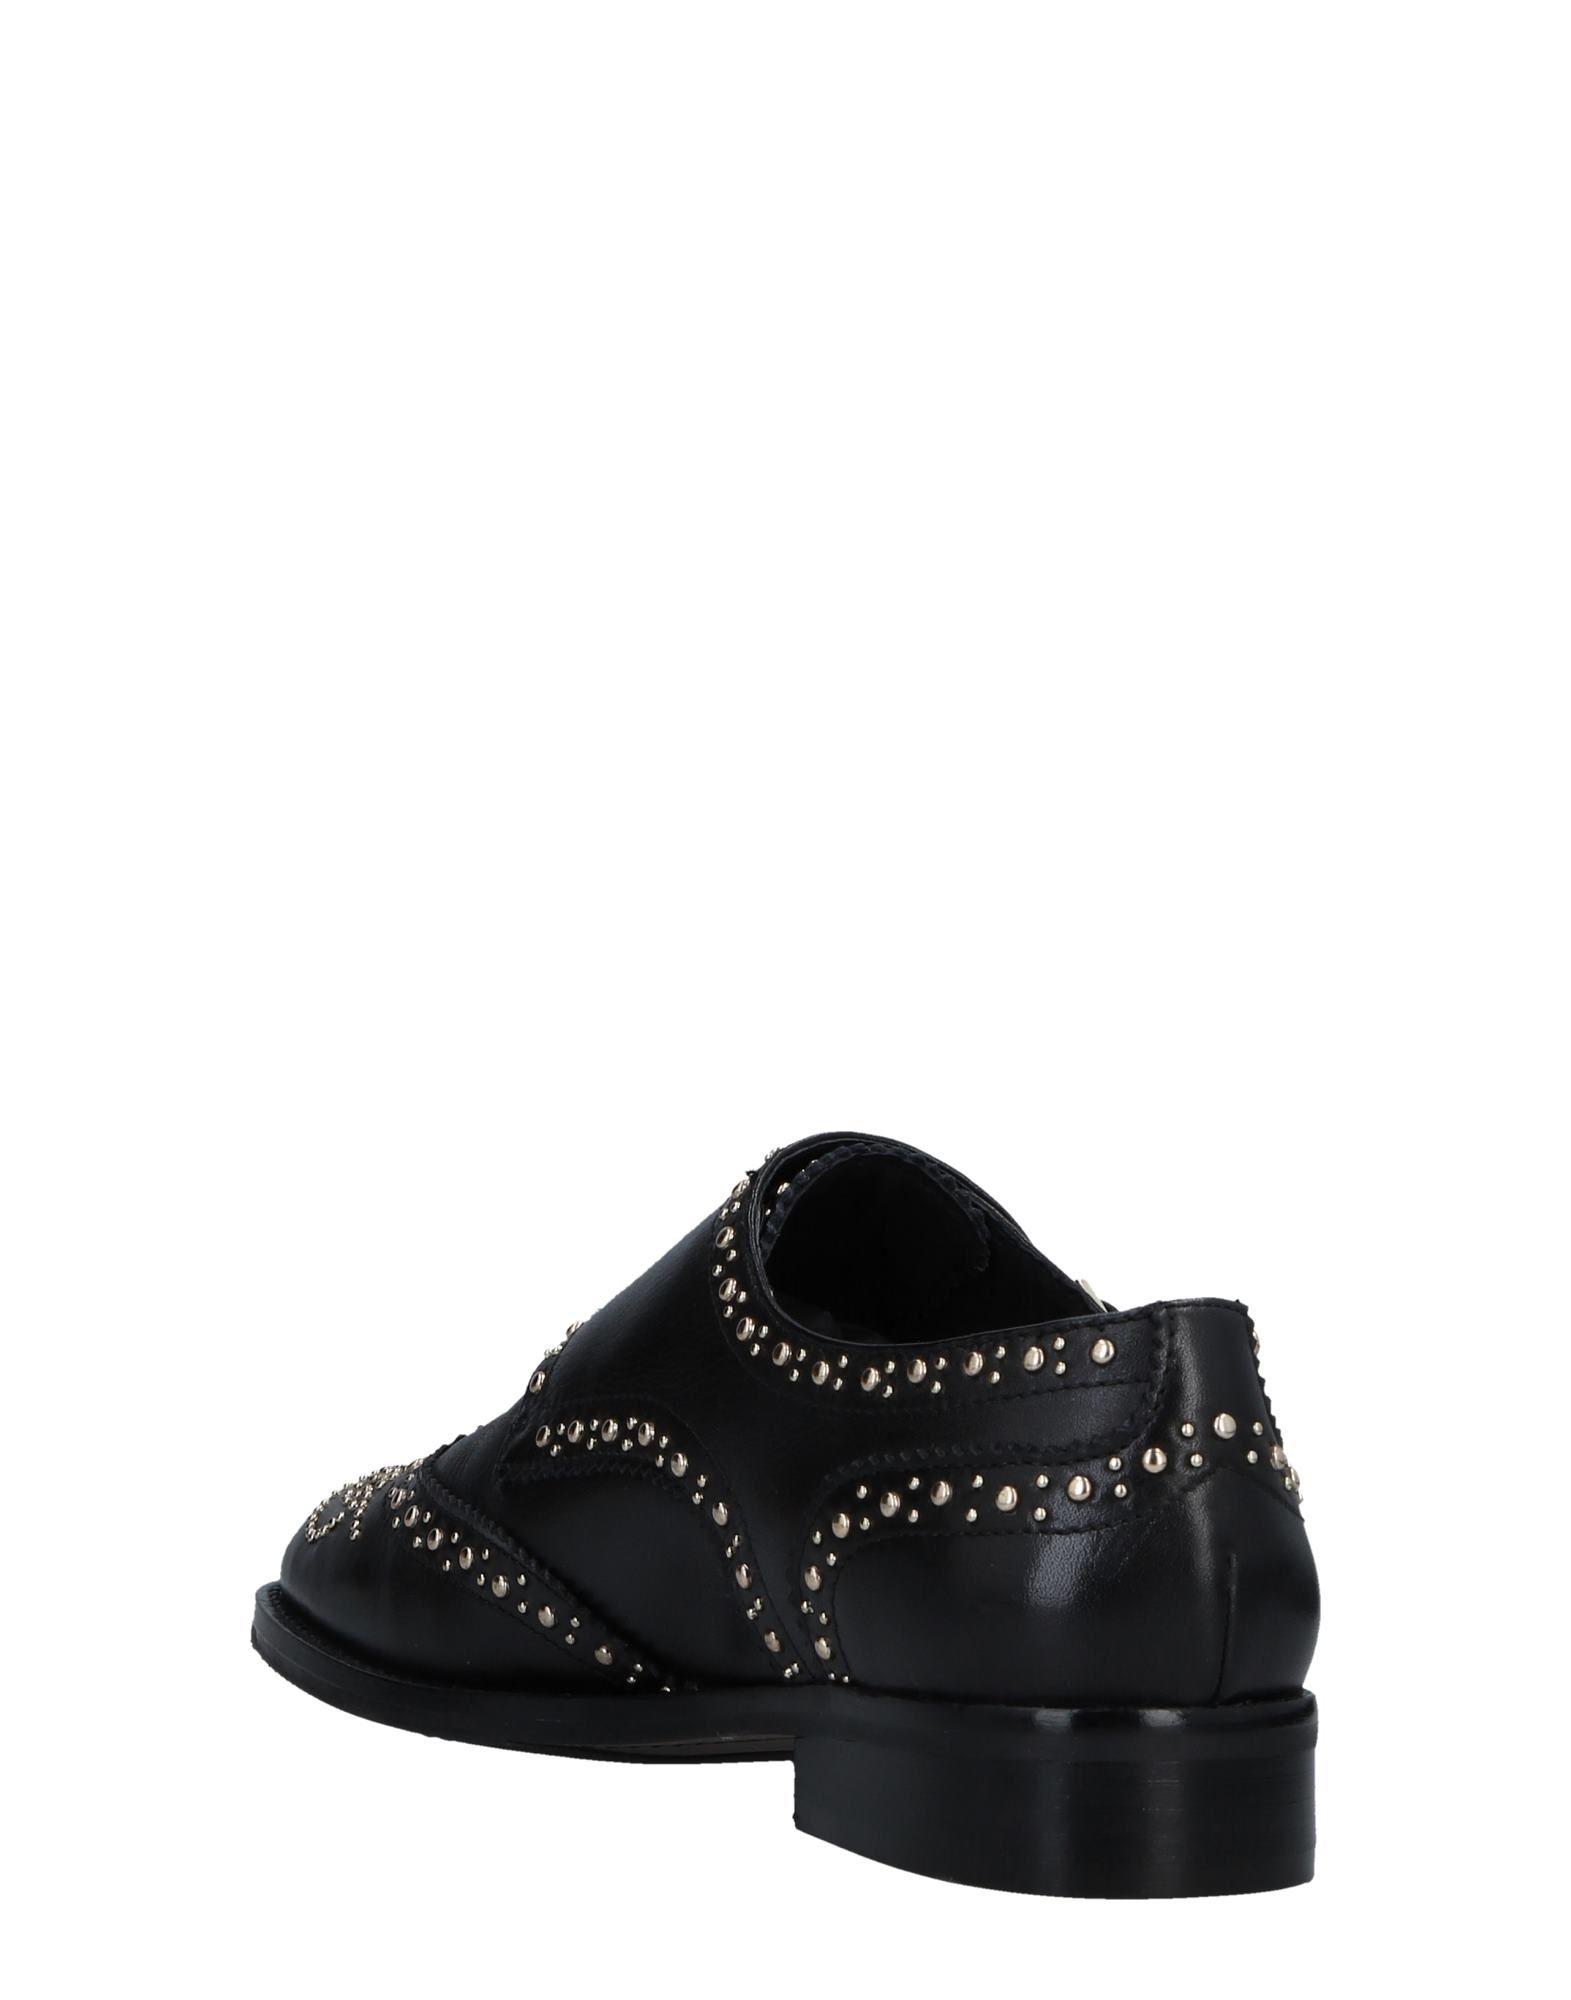 Bprivate Mokassins Damen  11512329OB Gute Qualität beliebte Schuhe